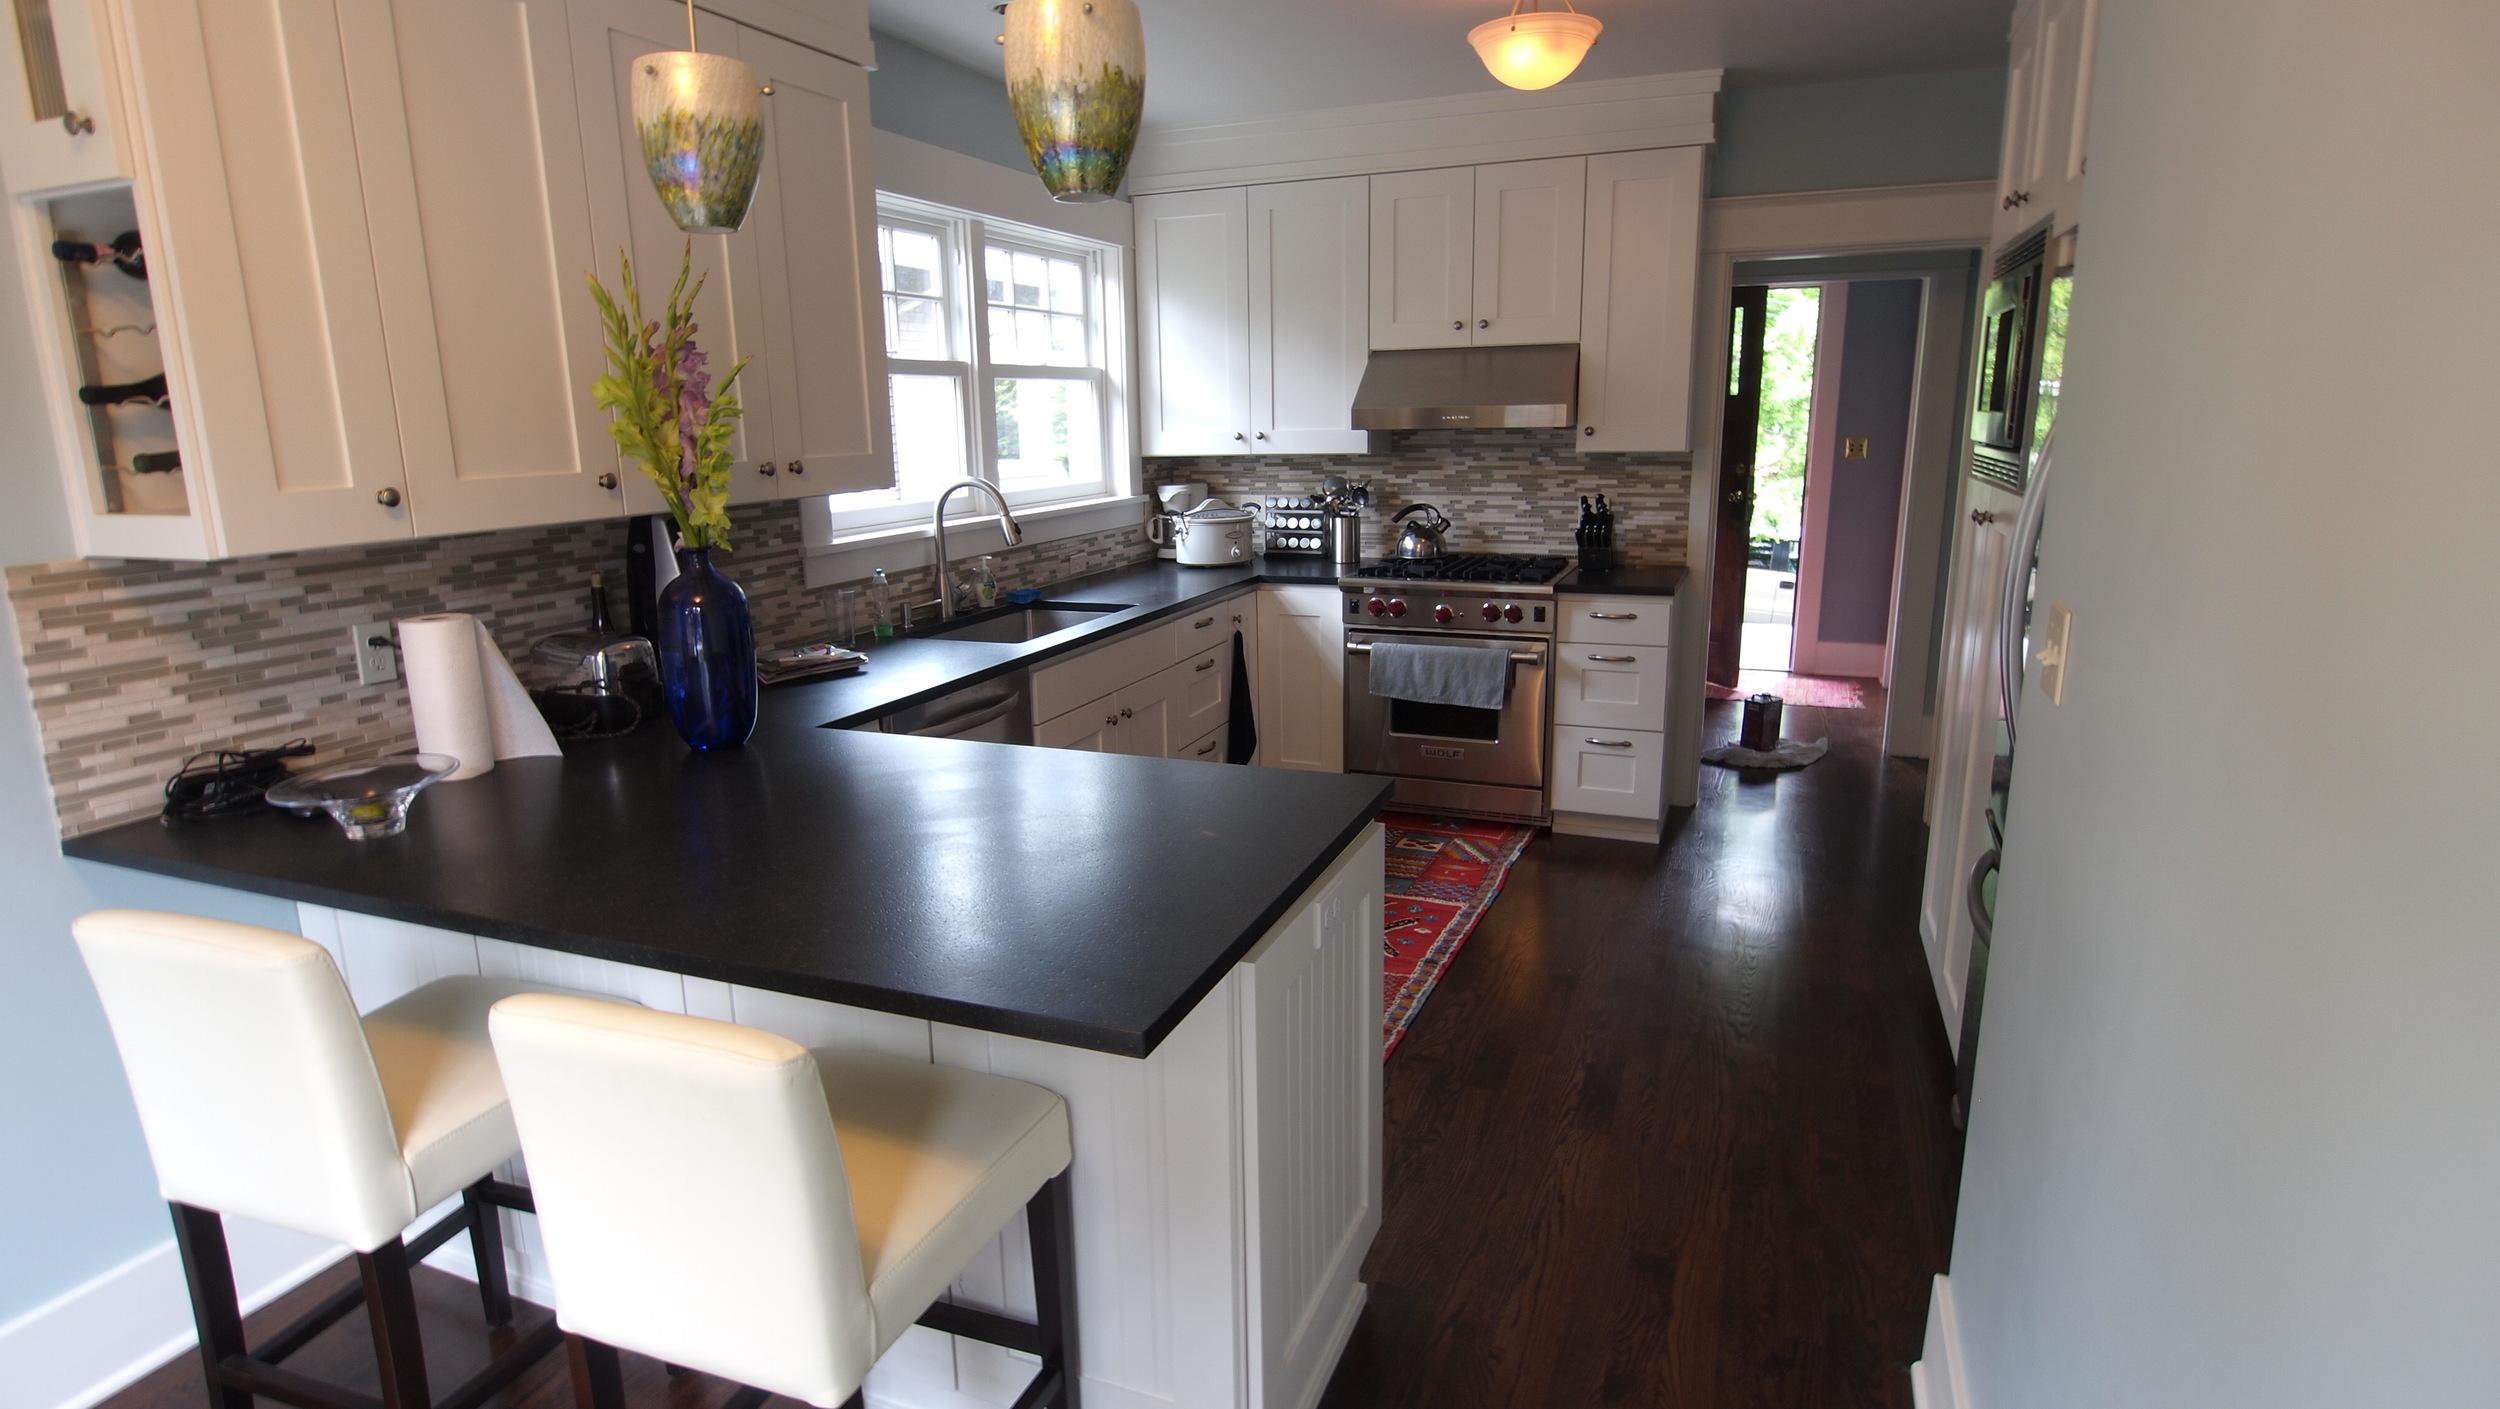 1Ballard kitchen.jpg